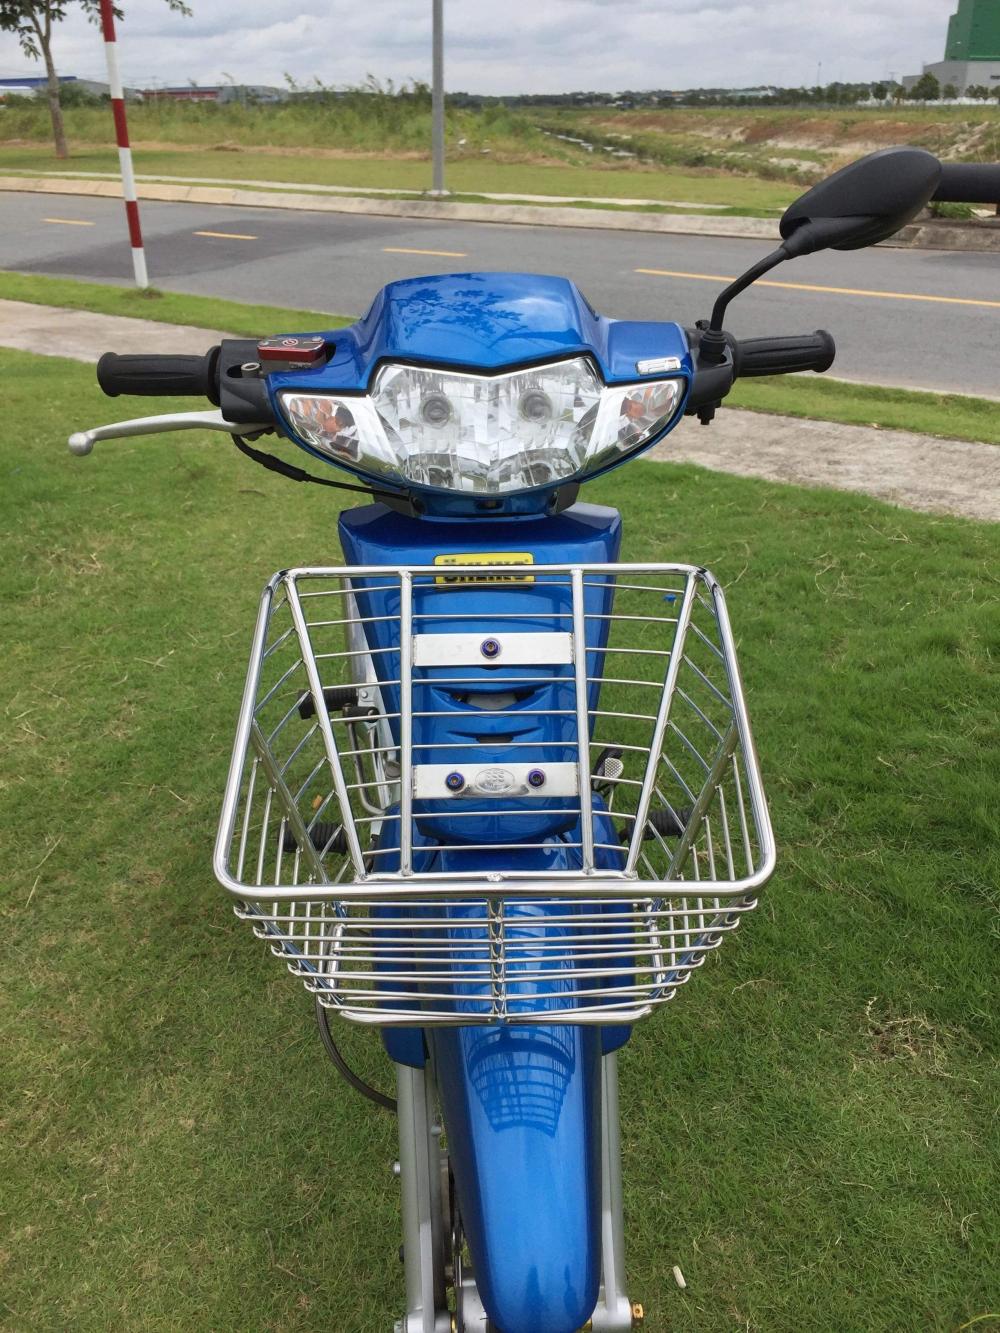 Ve Dep Hoai Co Den Tu Honda Wave Cua biker Tre Tuoi - 4